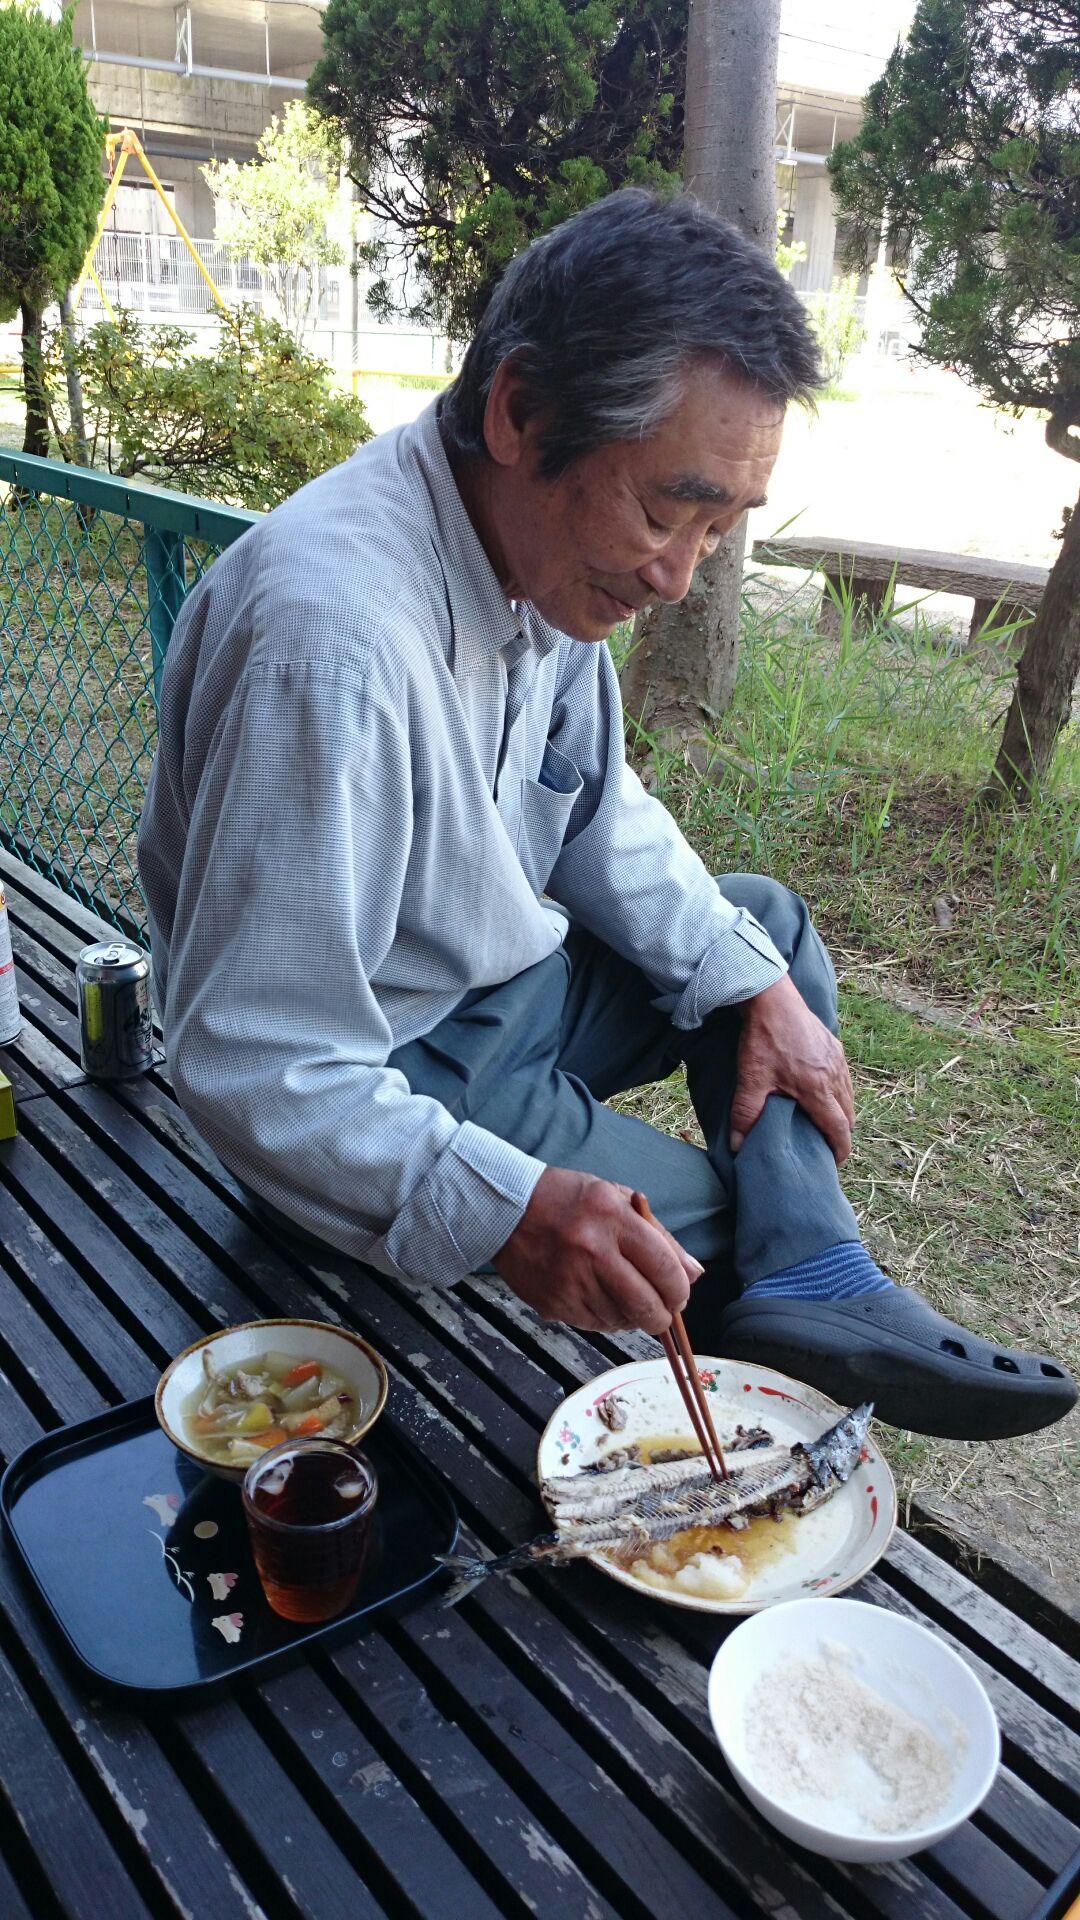 ゴンちゃんの死_d0180229_1748486.jpg